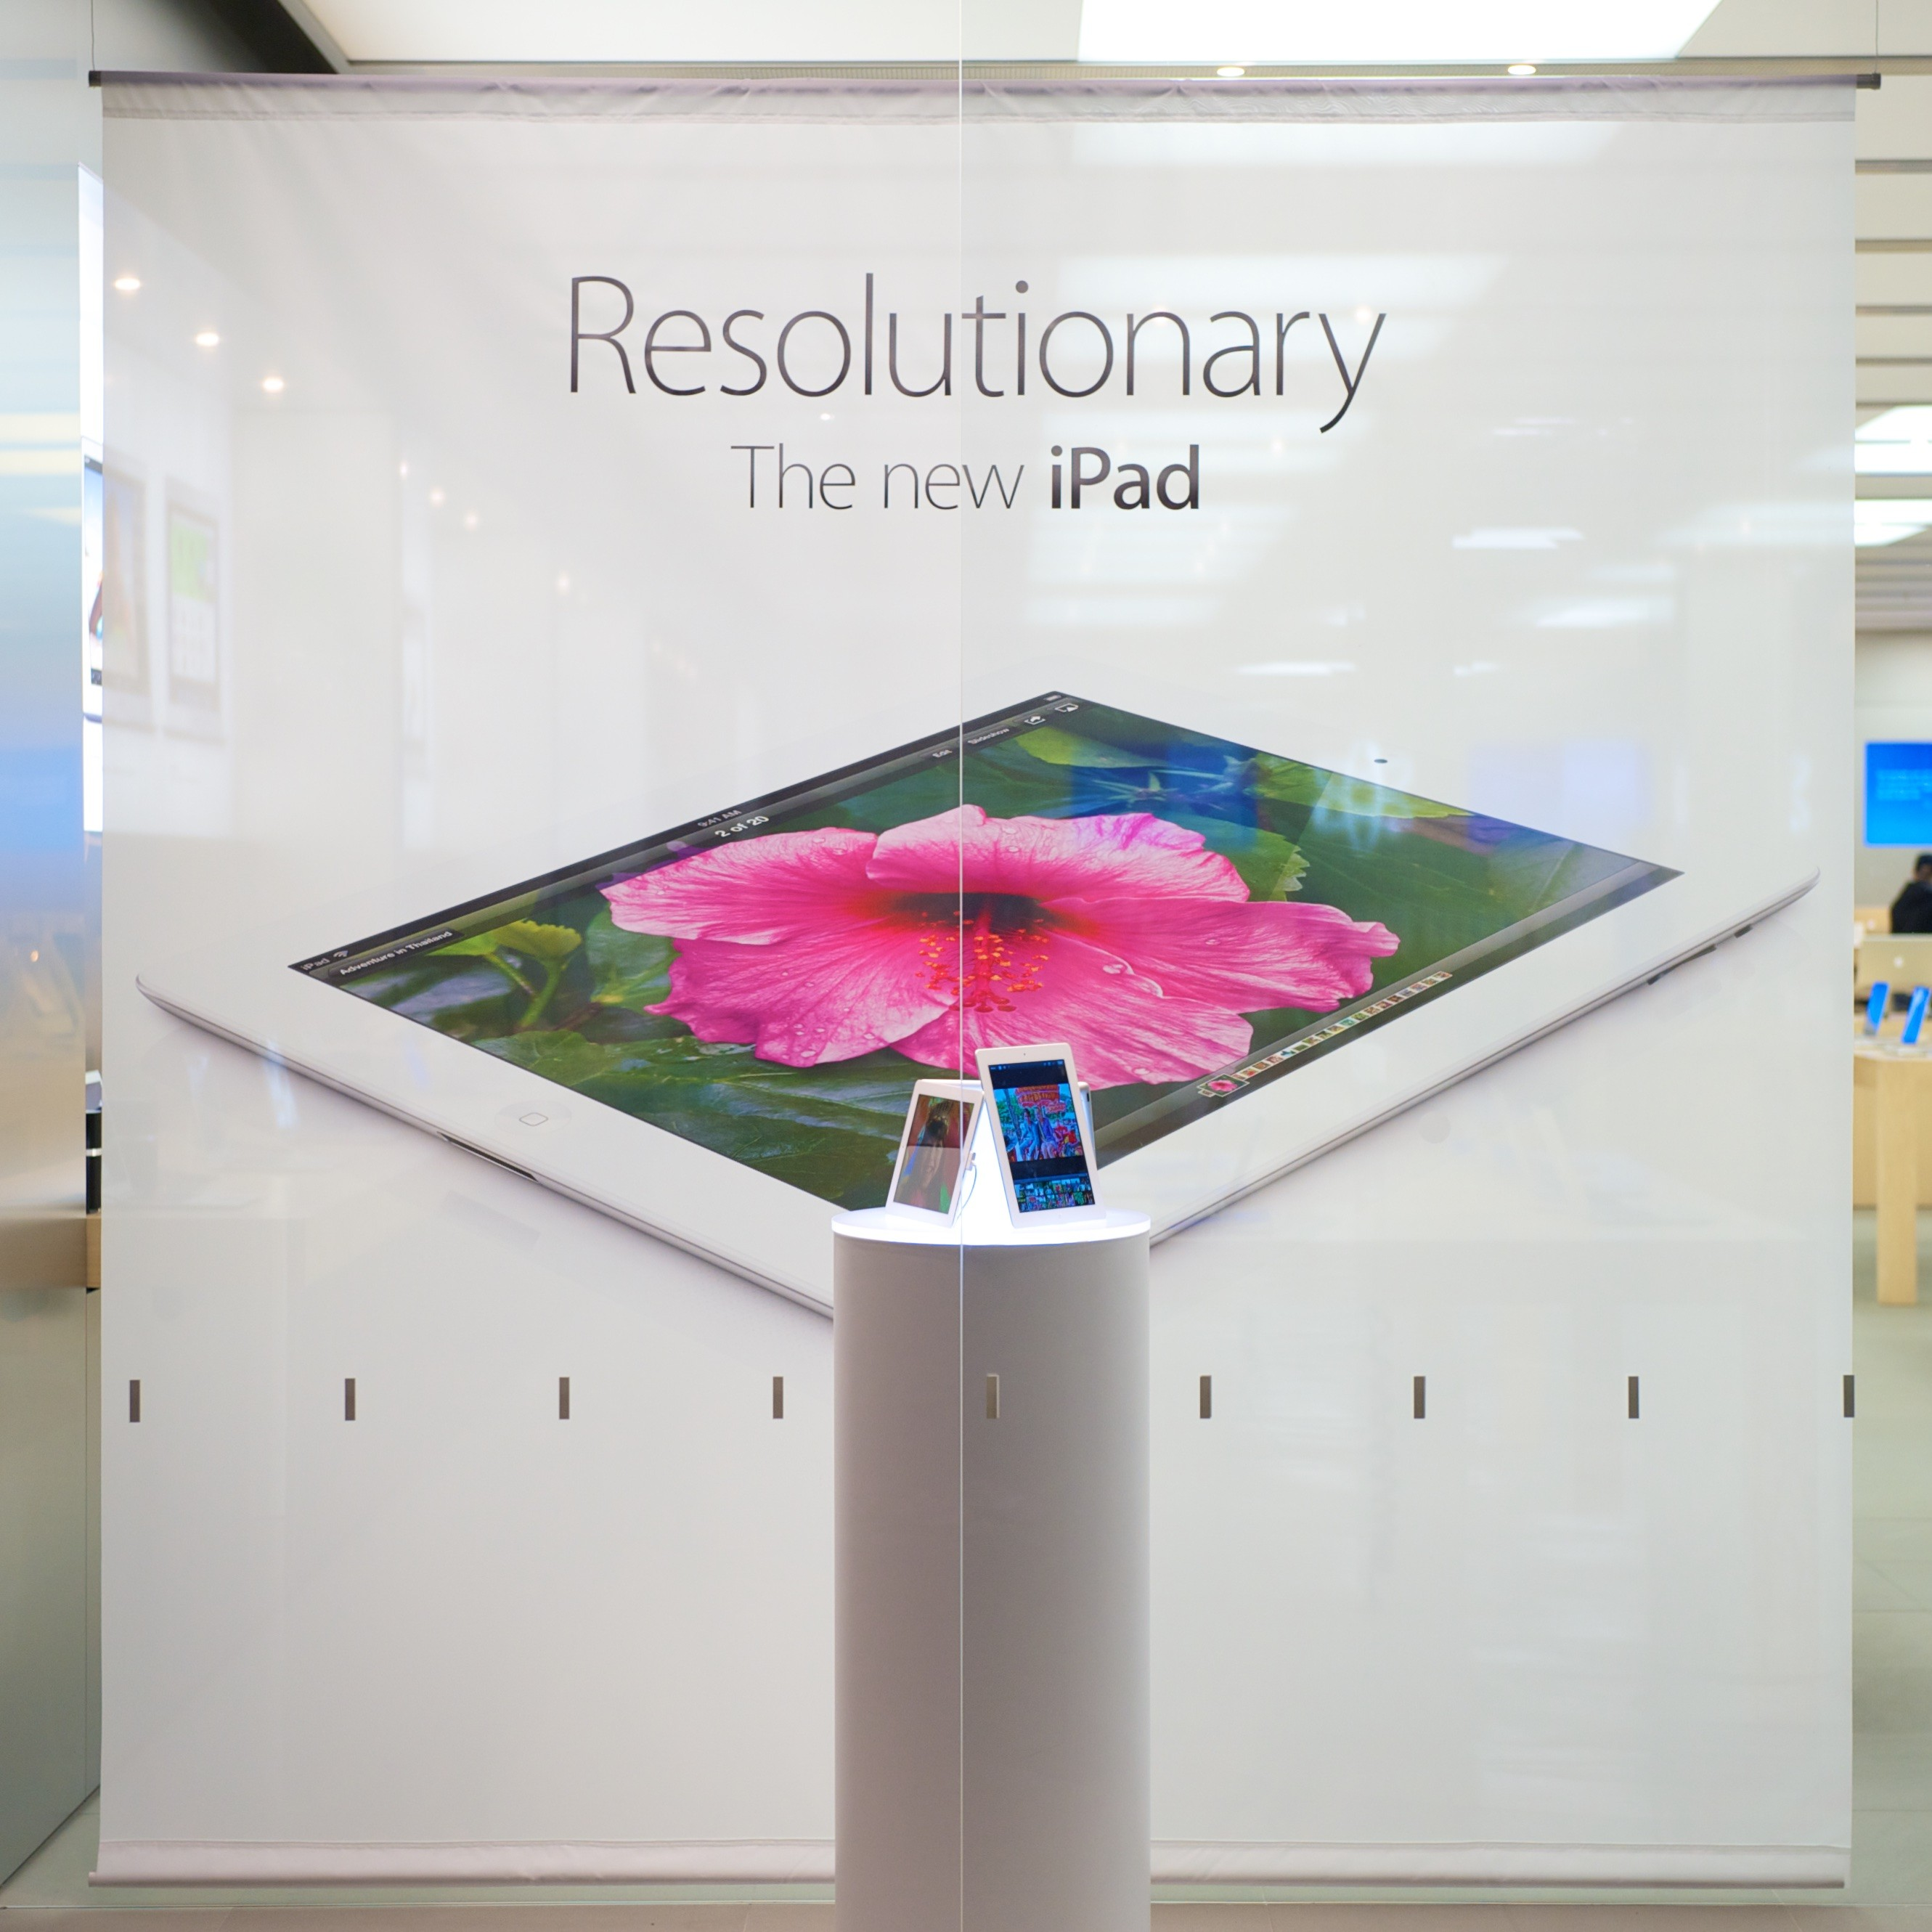 Apple Store 櫥窗設計(照片提供:Michael)